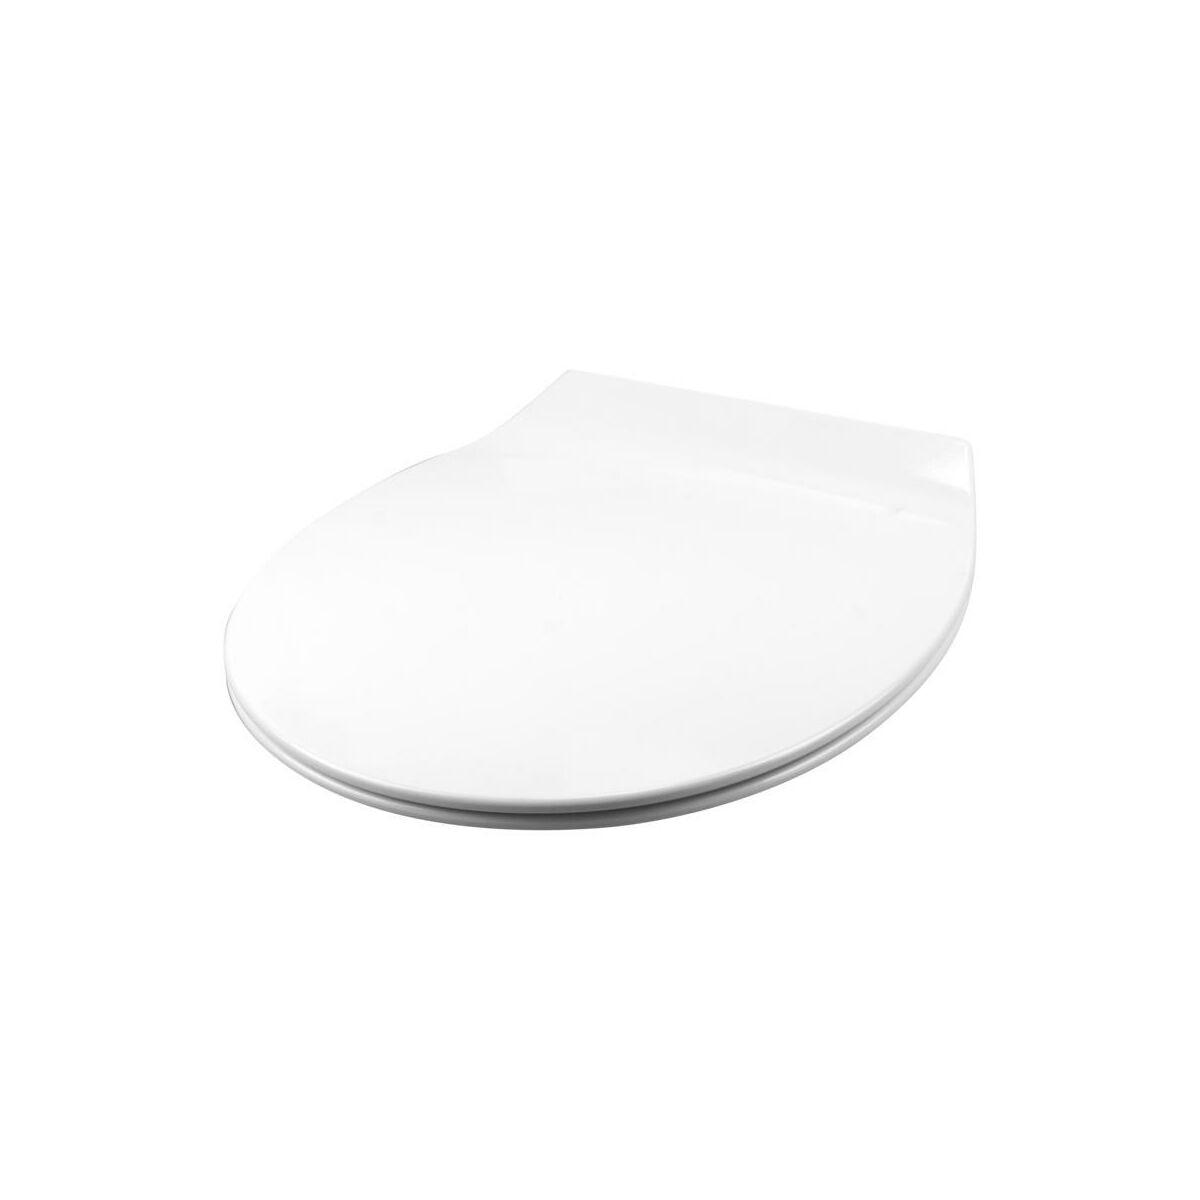 Deska Sedesowa Slim Masma Deski Sedesowe W Atrakcyjnej Cenie W Sklepach Leroy Merlin